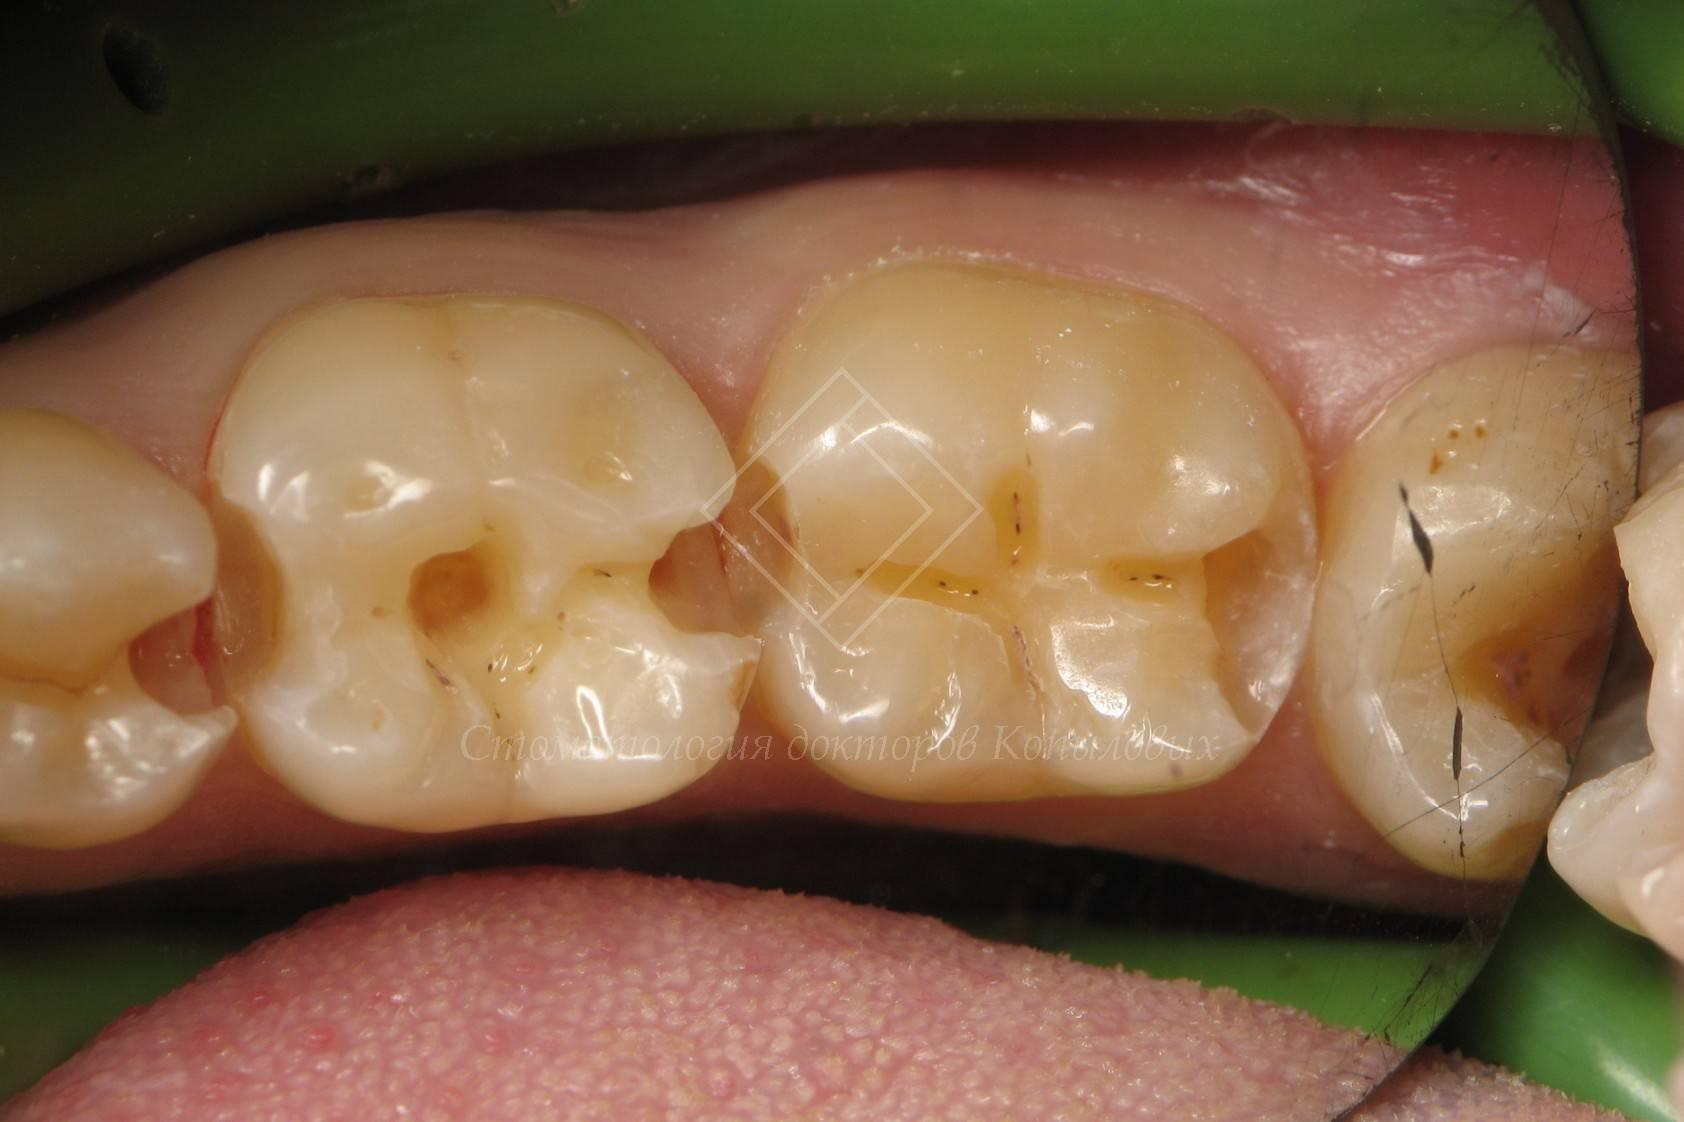 Все зубы поражает кариес что делать